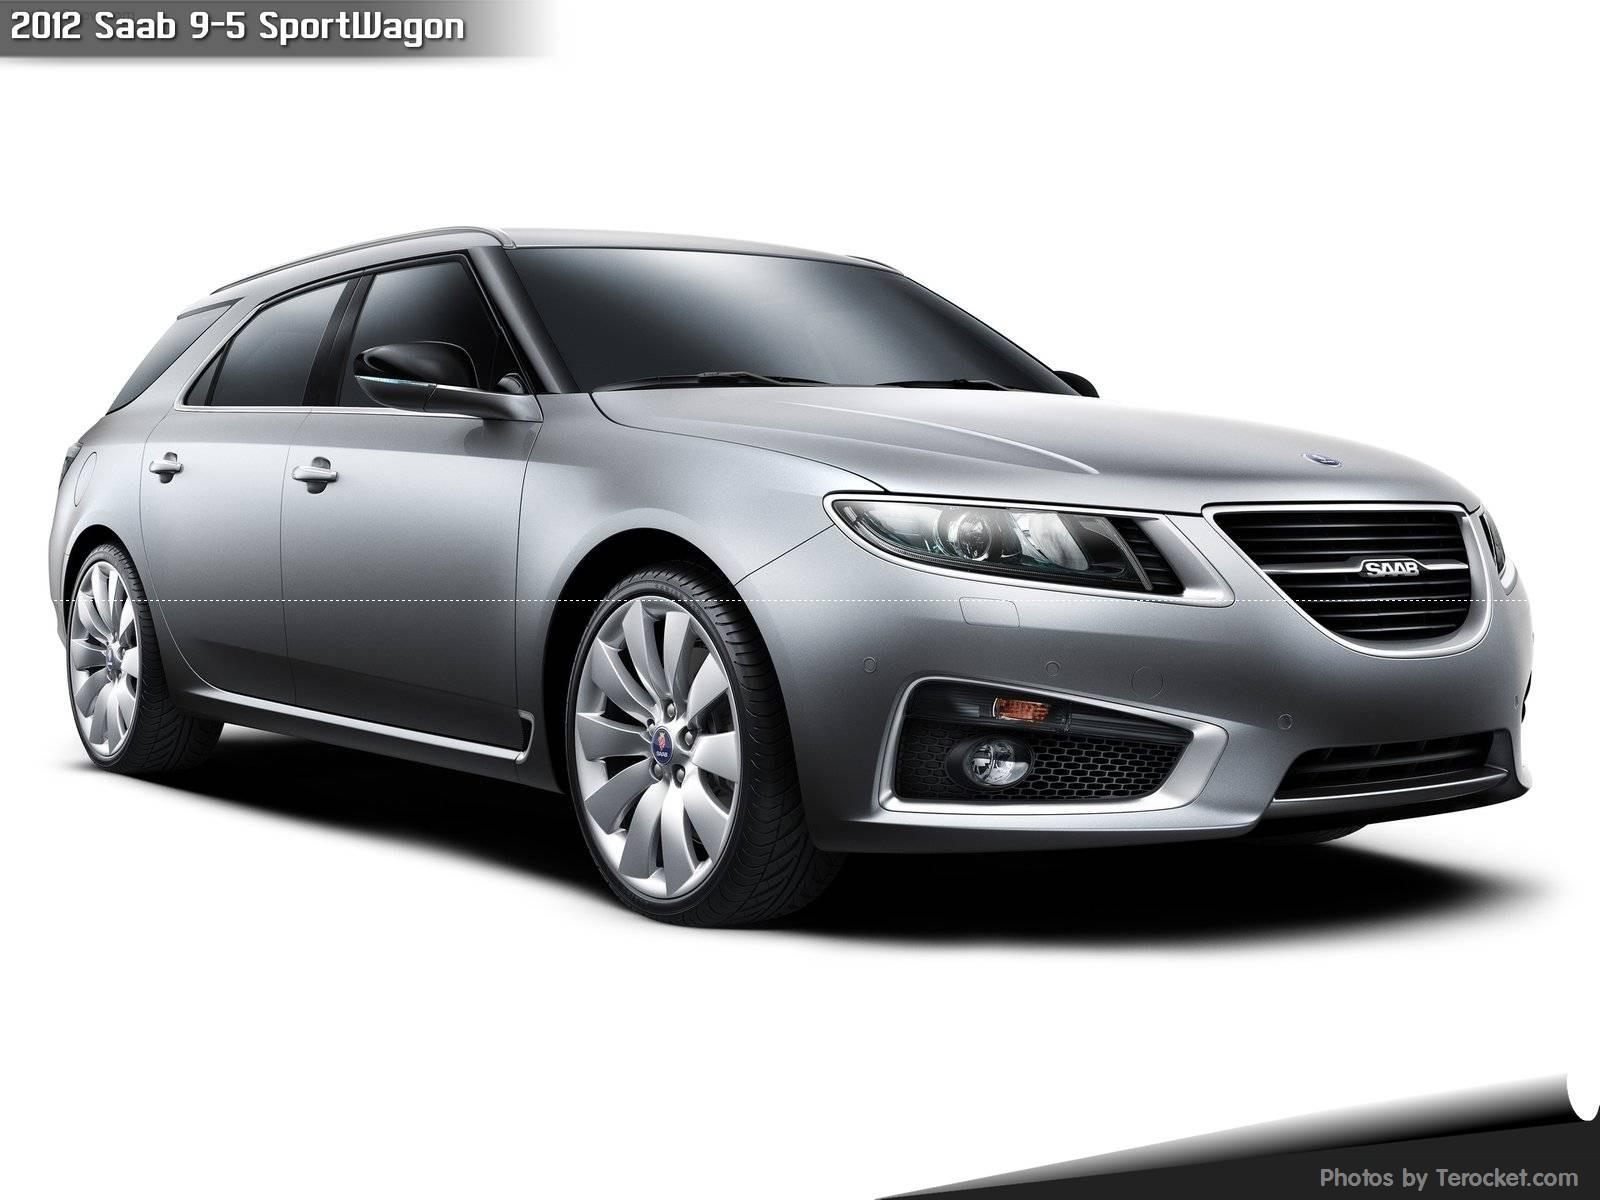 Hình ảnh xe ô tô Saab 9-5 SportWagon 2012 & nội ngoại thất